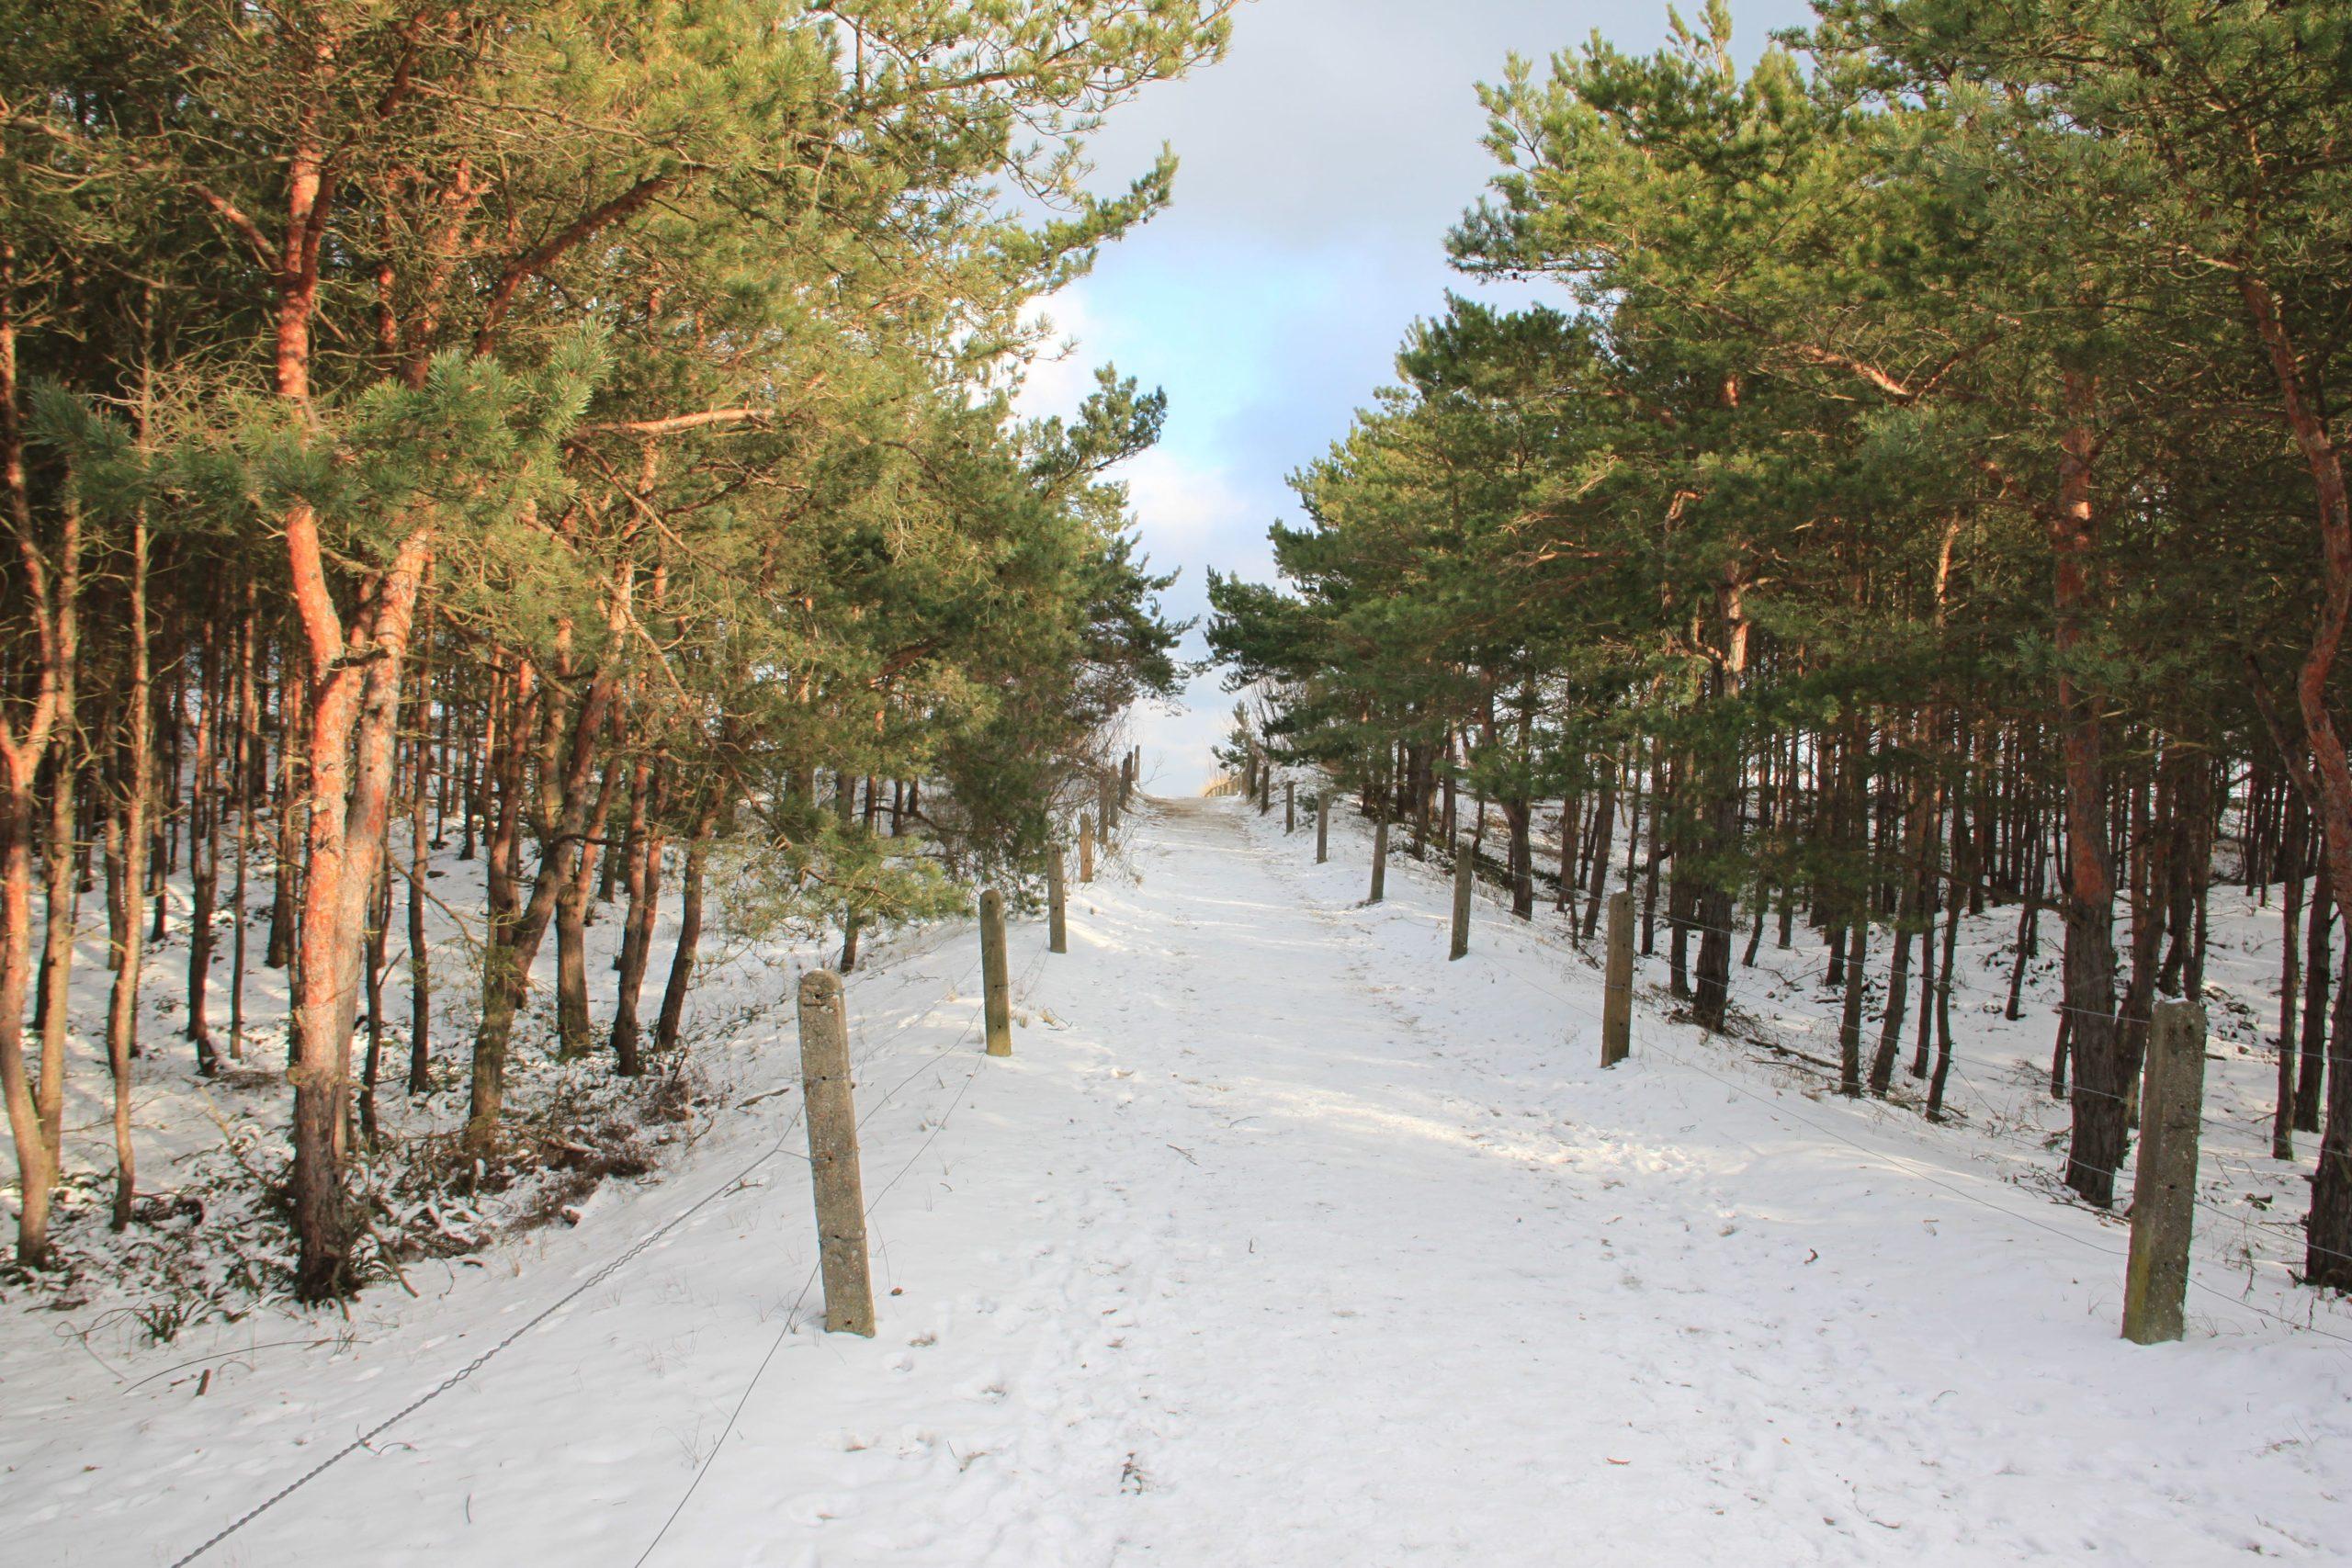 Rodzinne ferie zimowe nad morzem. Czy warto i jak się przygotować do wyjazdu nad Bałtyk zimą?